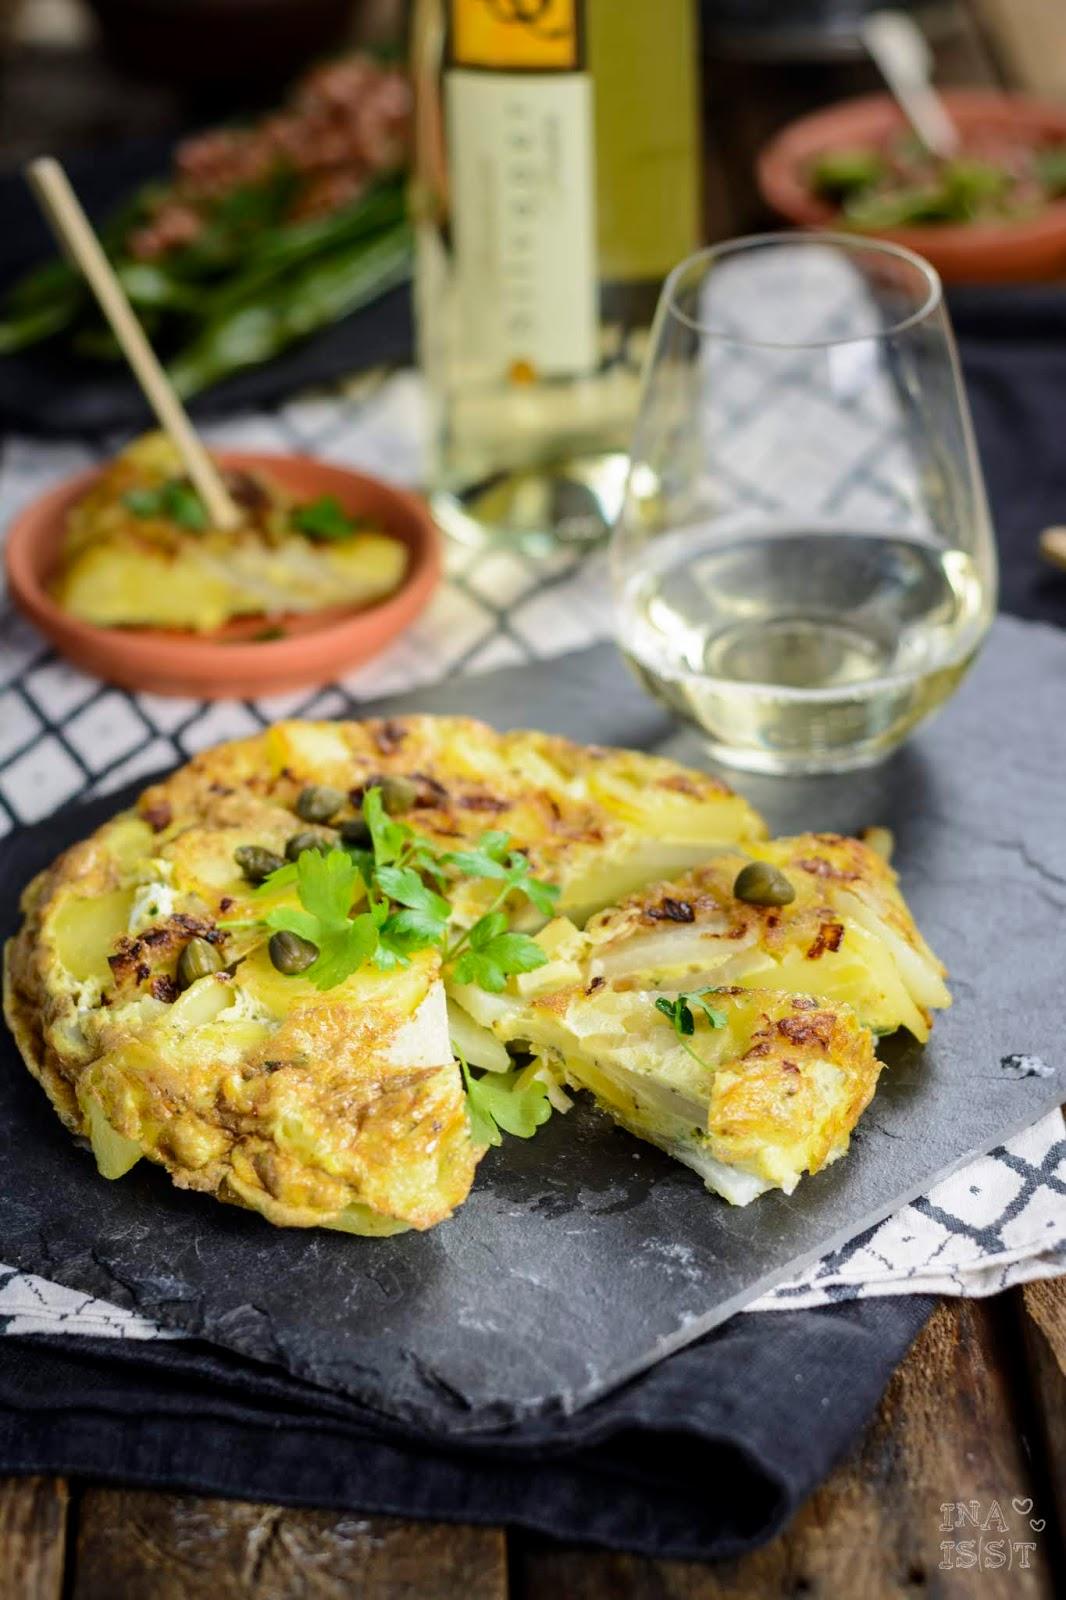 Tapas lernen Rheinhessisch: Kohlrabi Tortilla mit Kapern und breite Bohnen mit gebratener Fleischwurst und Dill